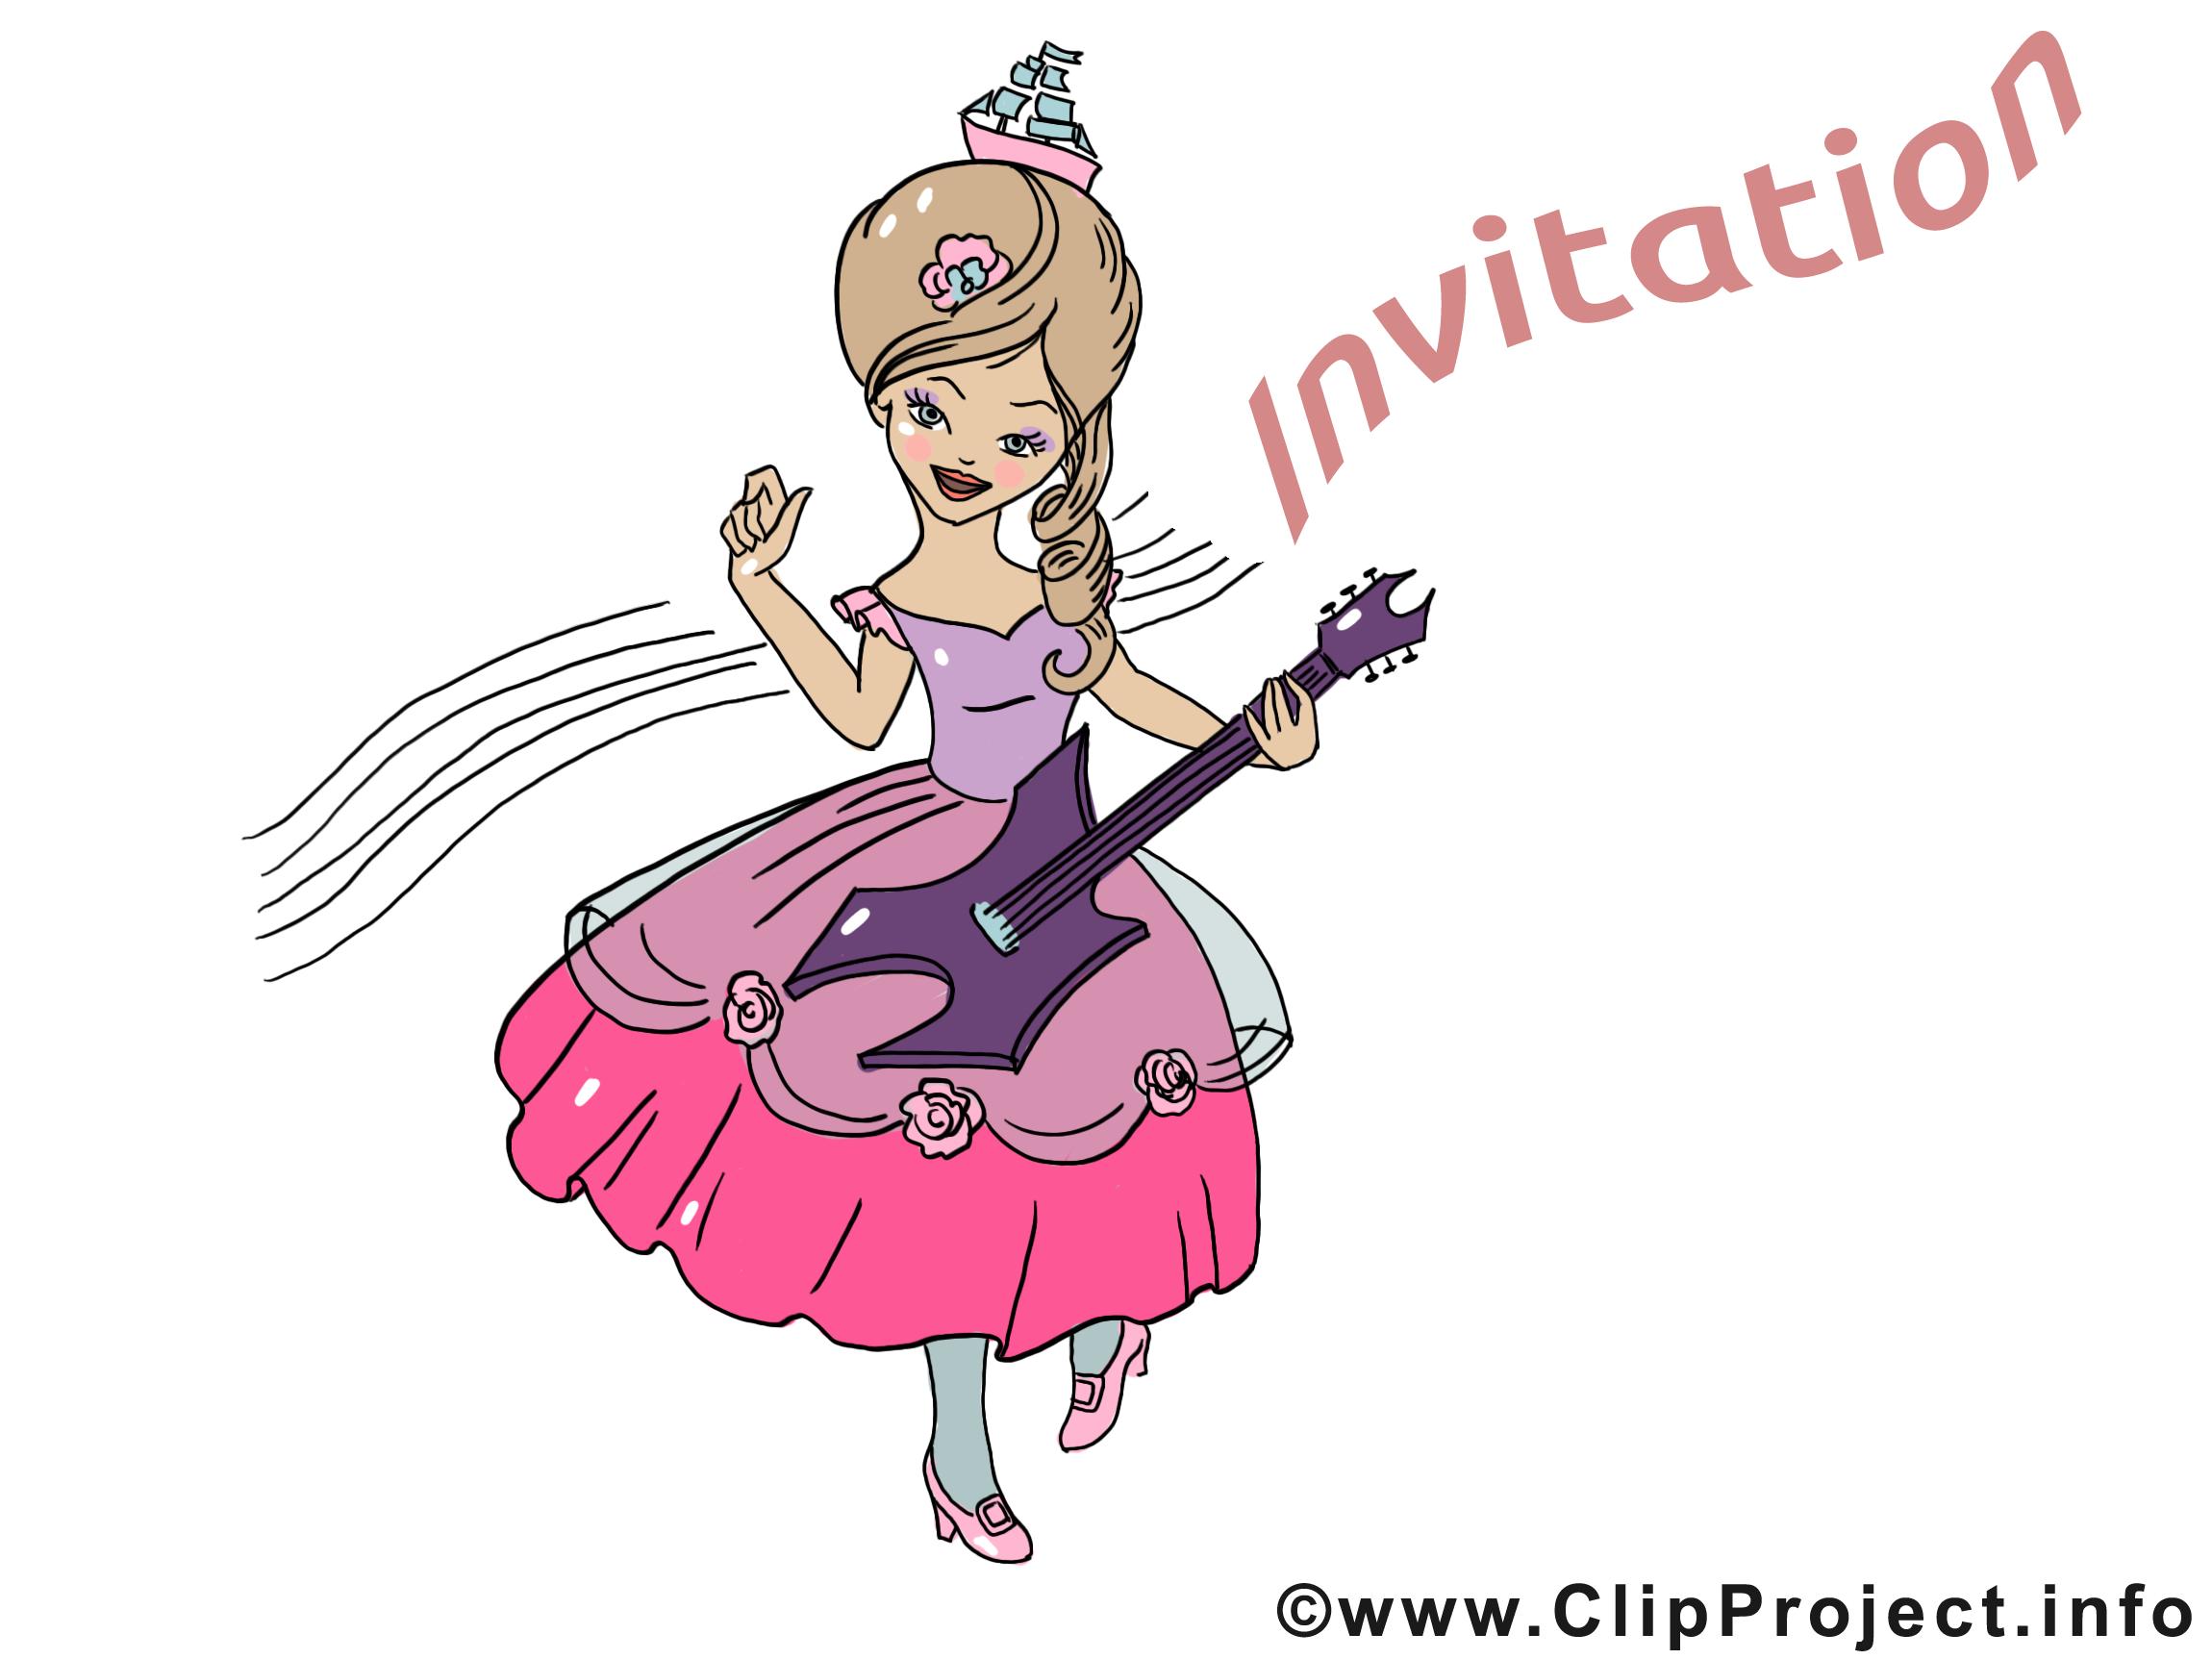 Guitariste image à télécharger - Invitation clipart